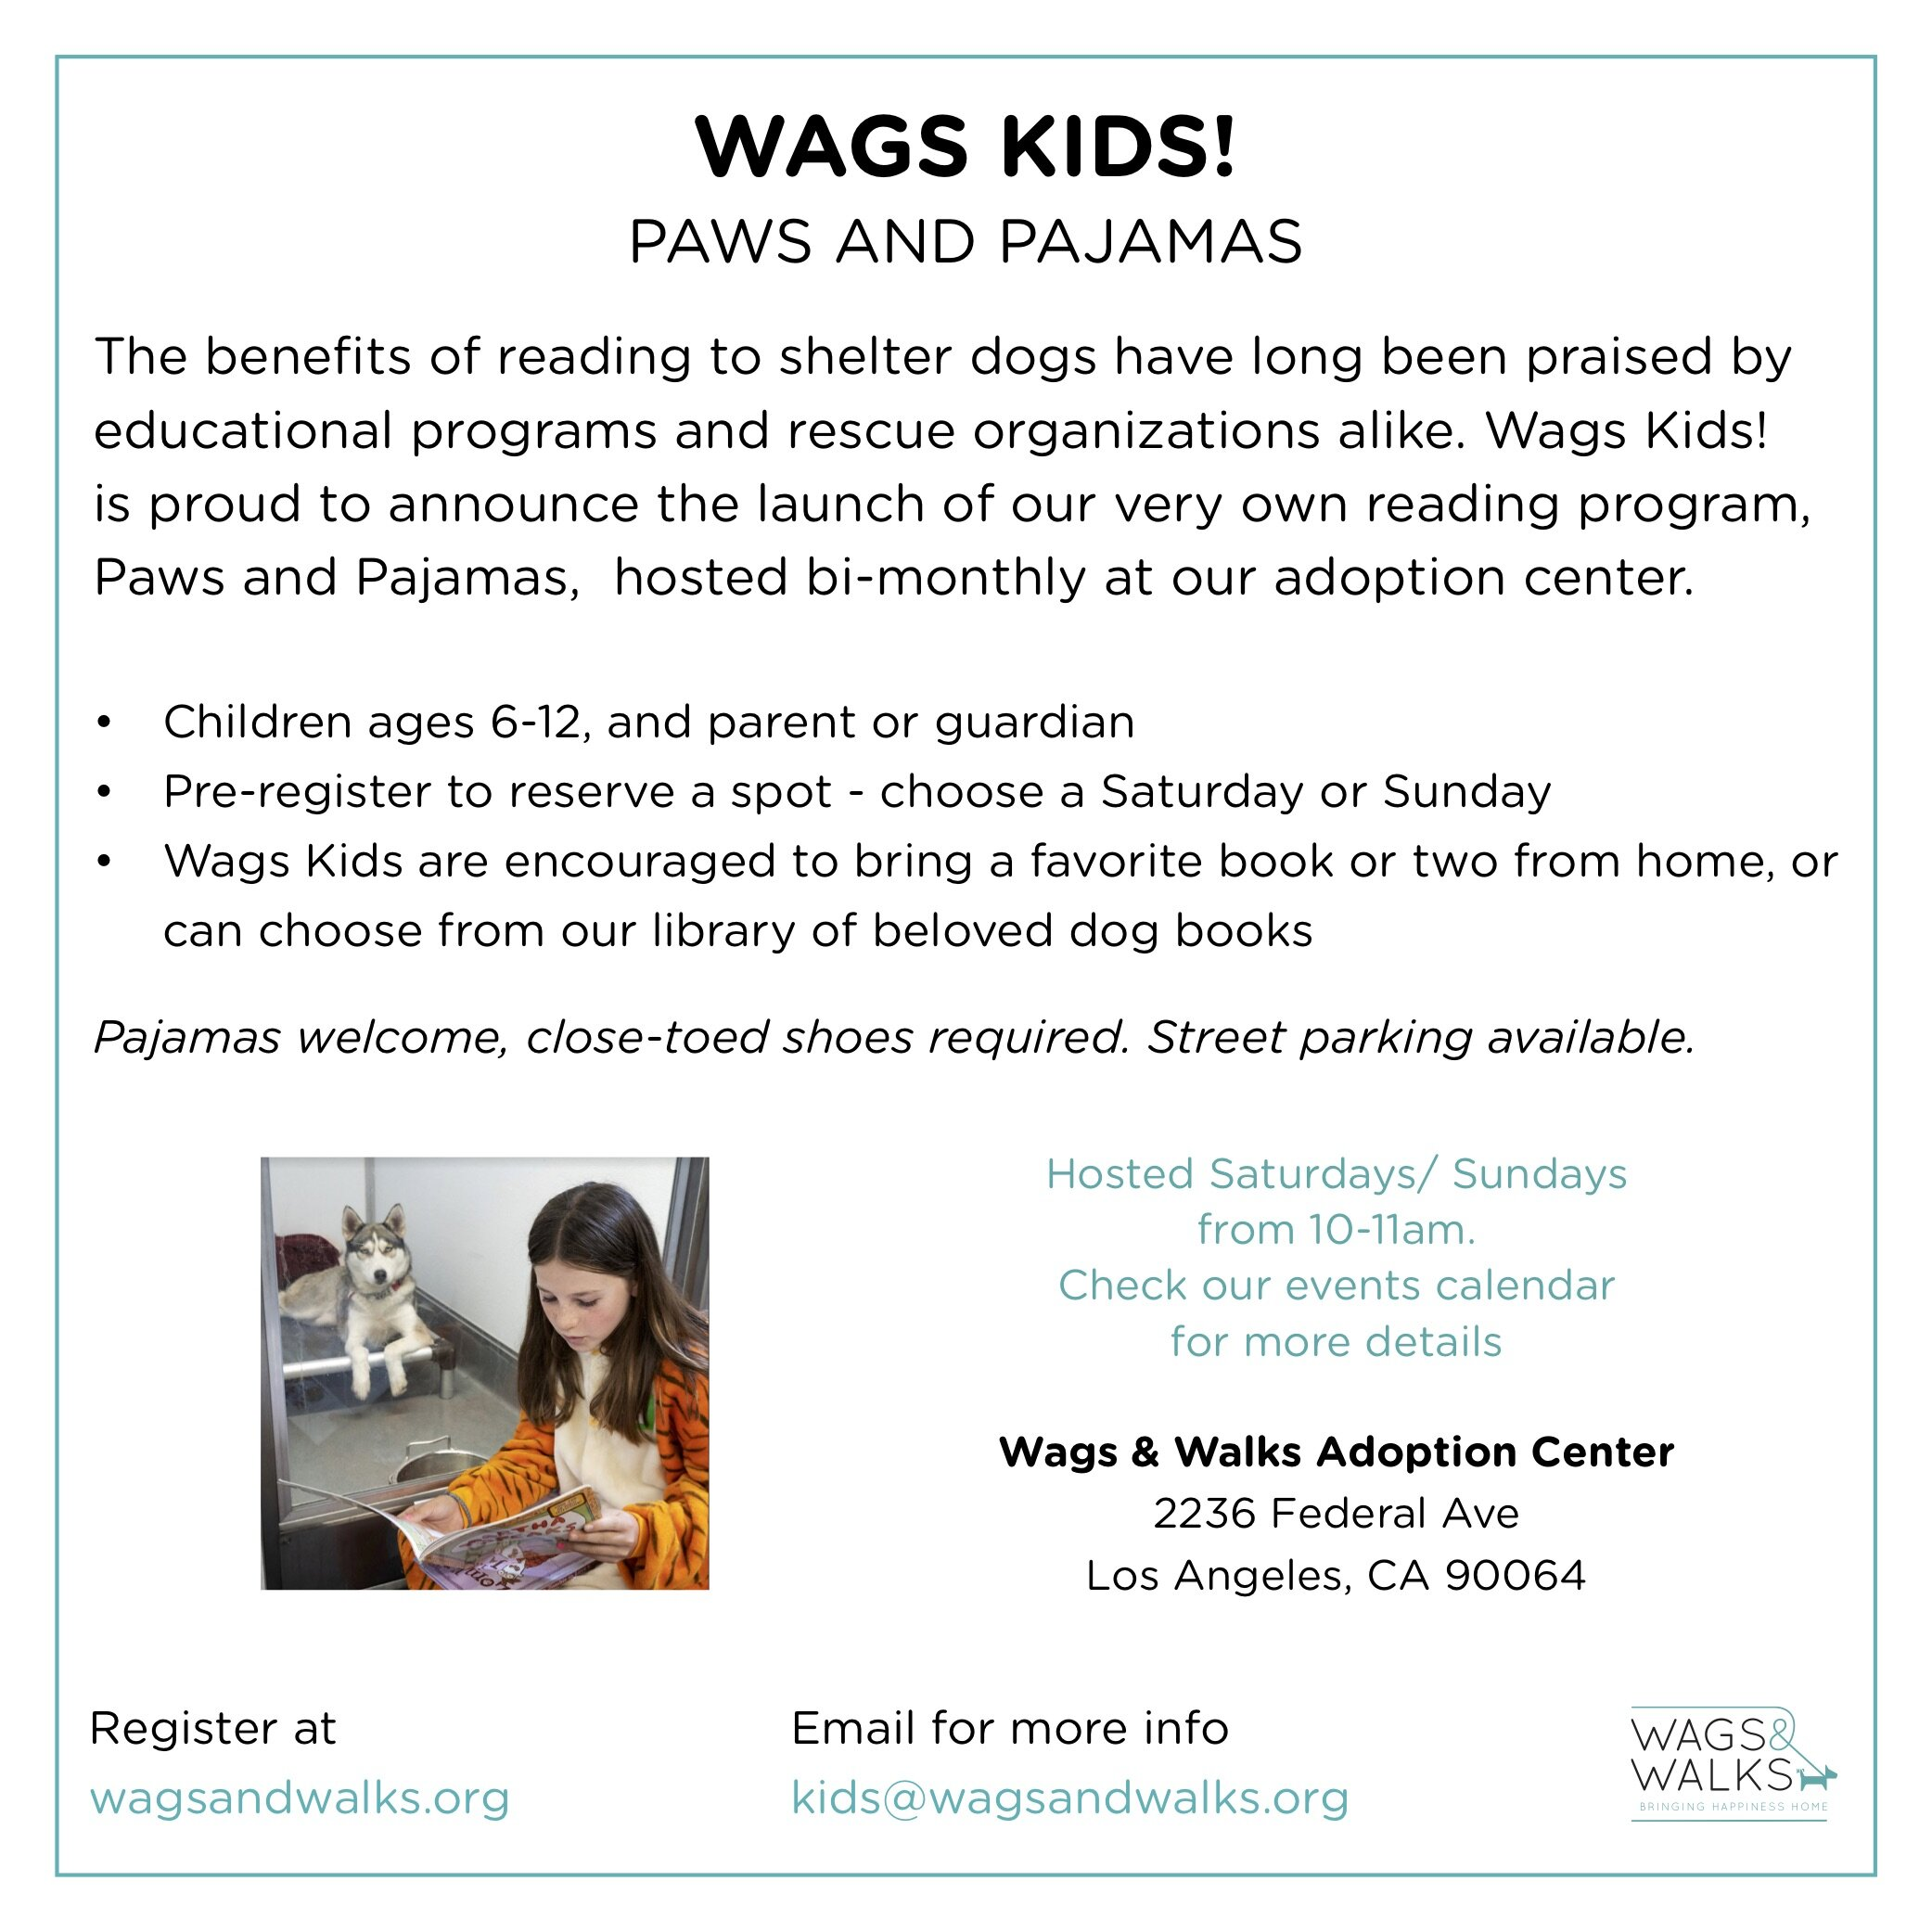 wags kids